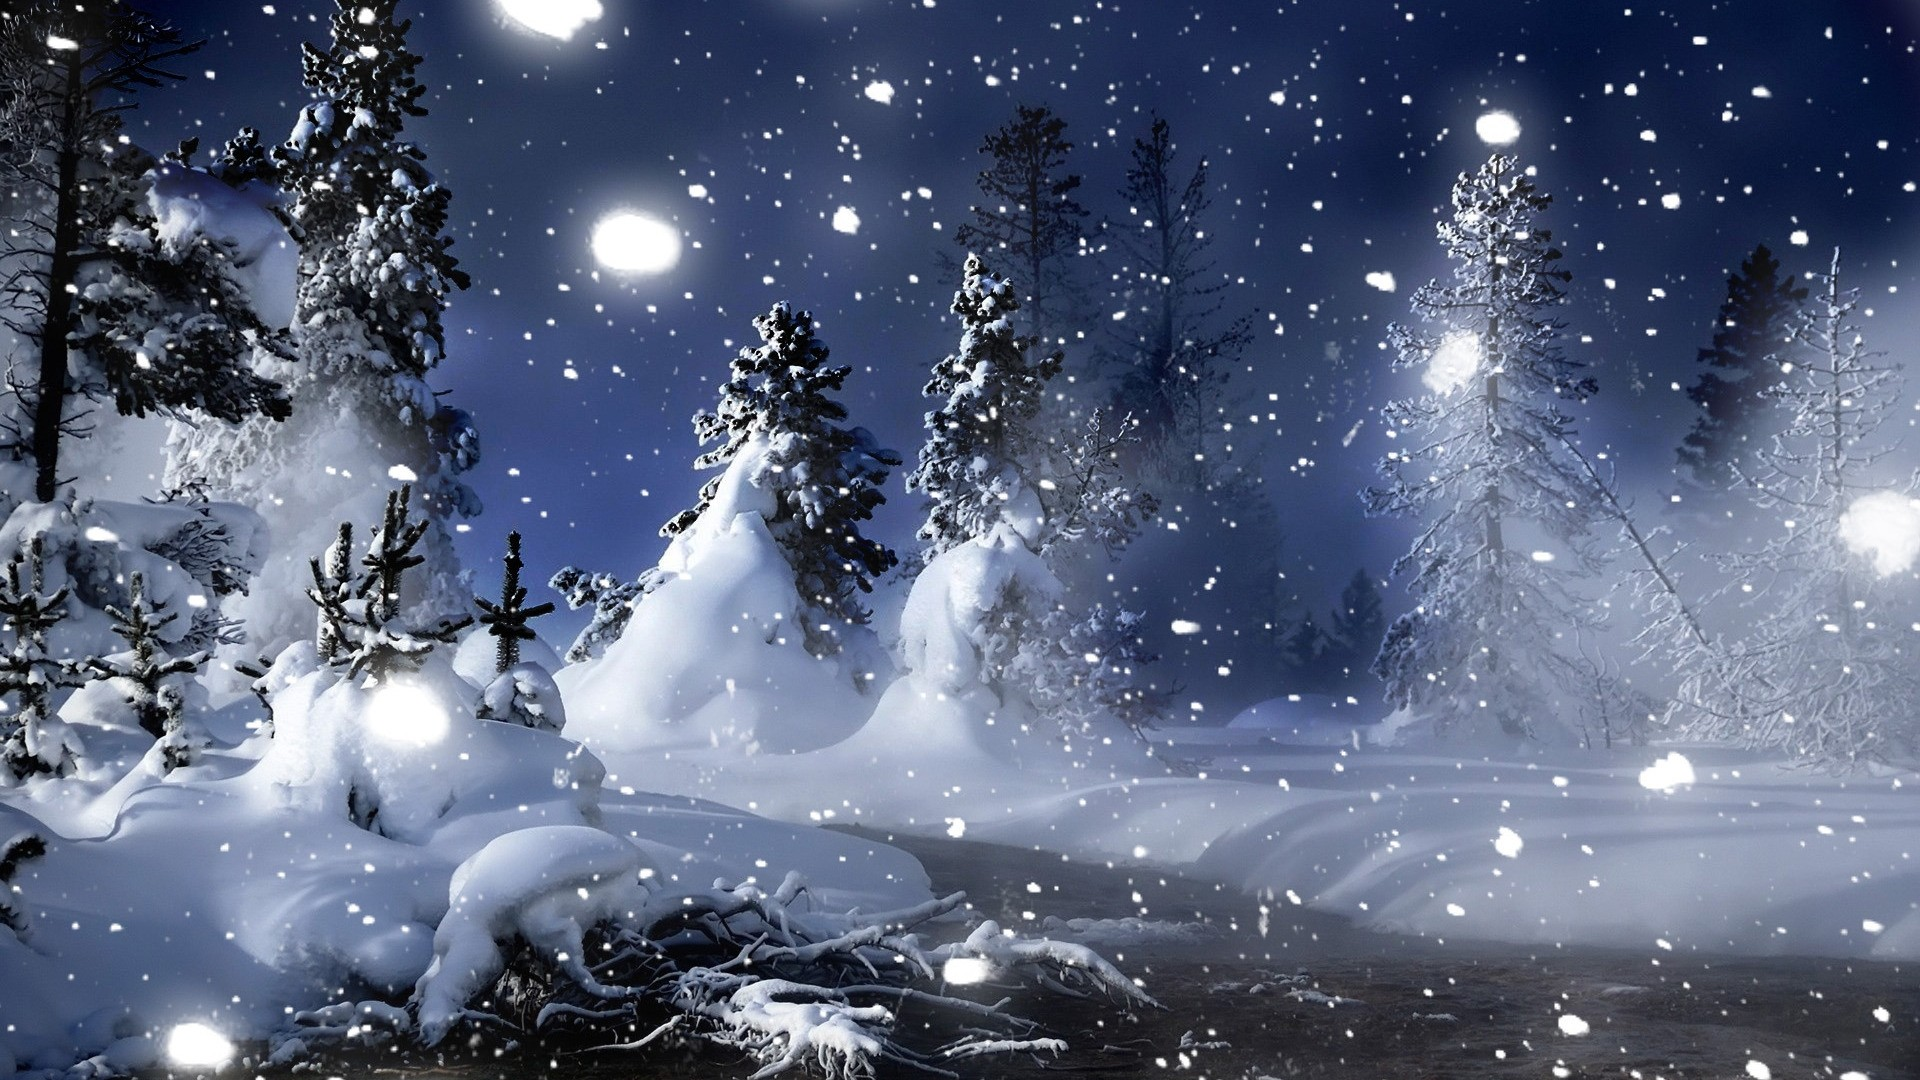 … winter-season-hd-wallpapers-free-for-desktop …